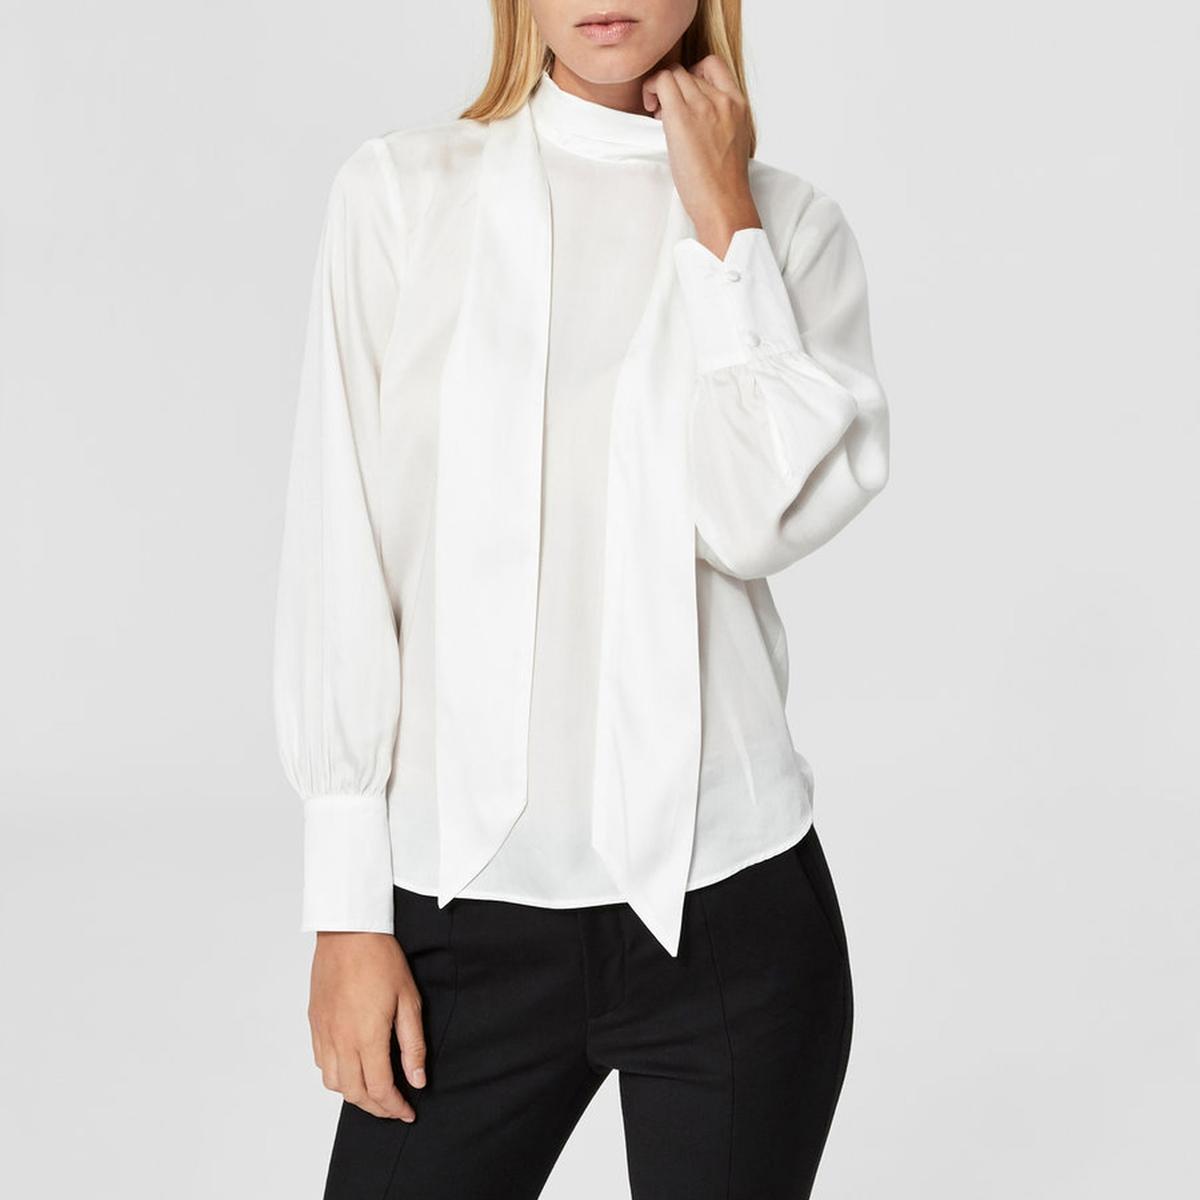 Блузка Selected Femme 14458690 от LaRedoute